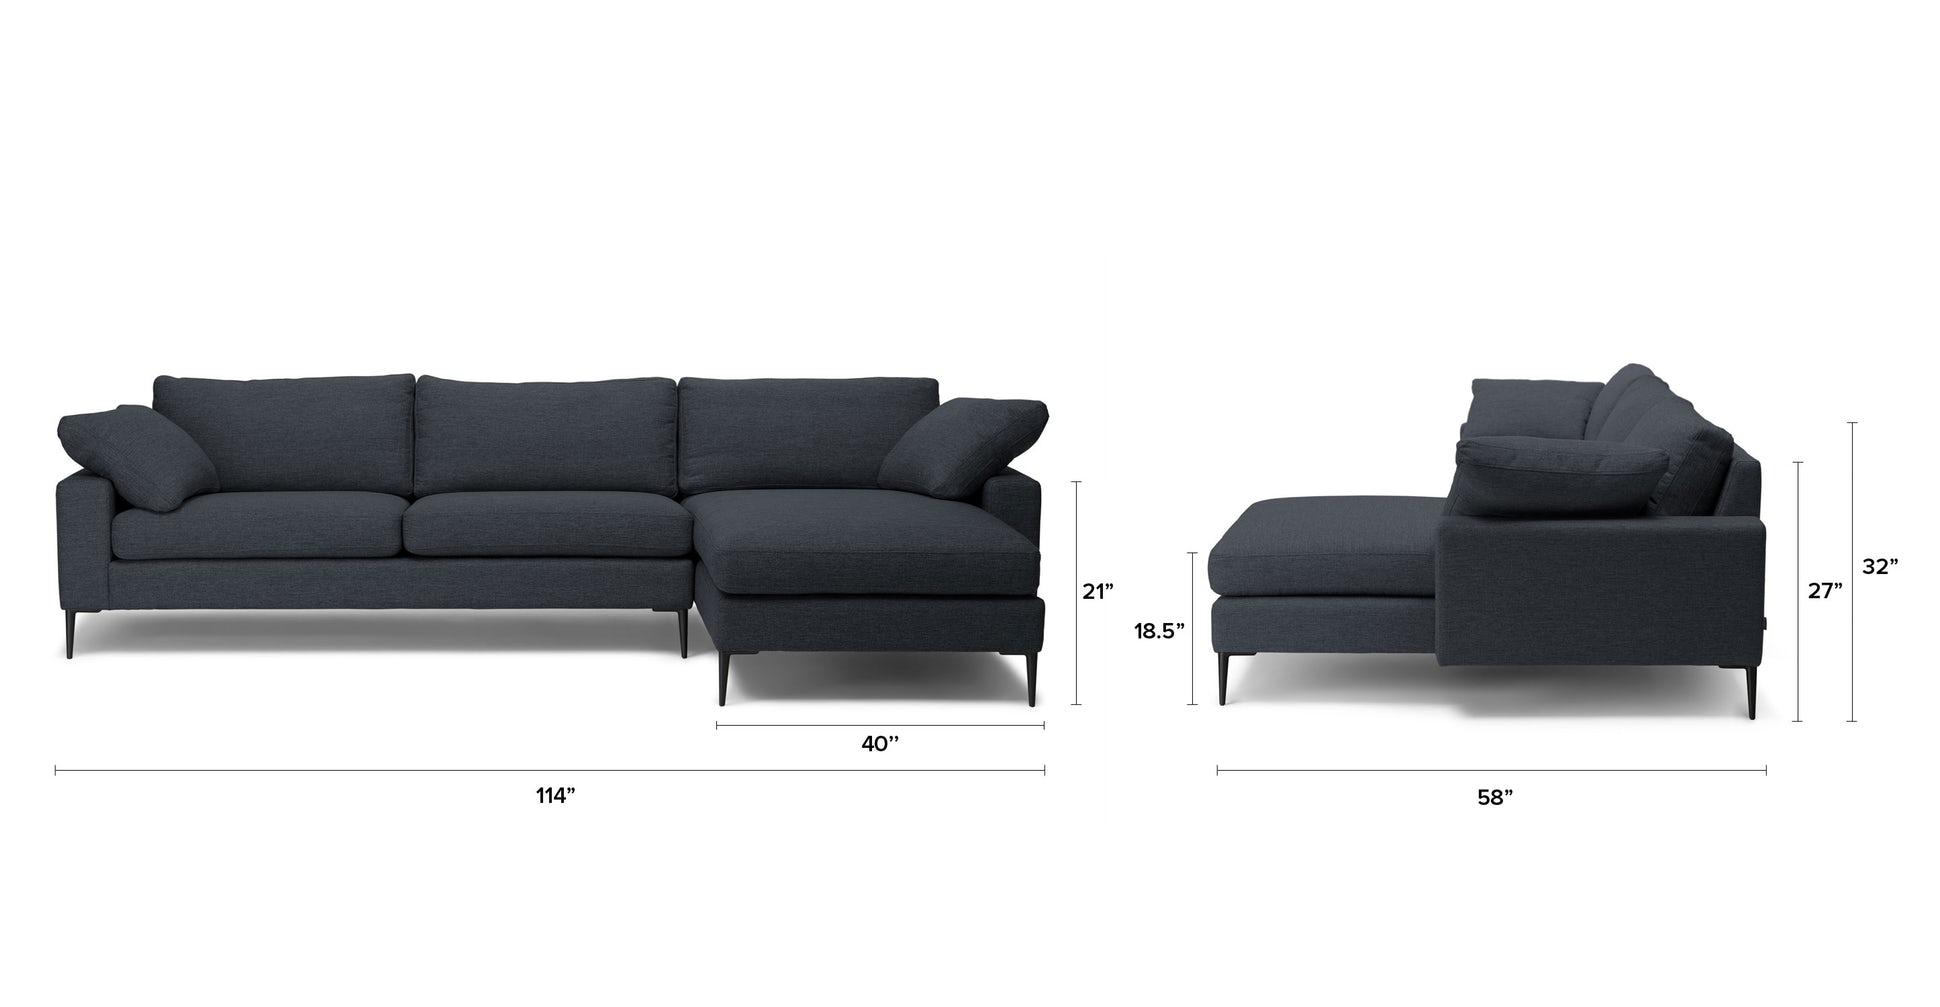 NOVA  - Bard Gray - Right Sectional